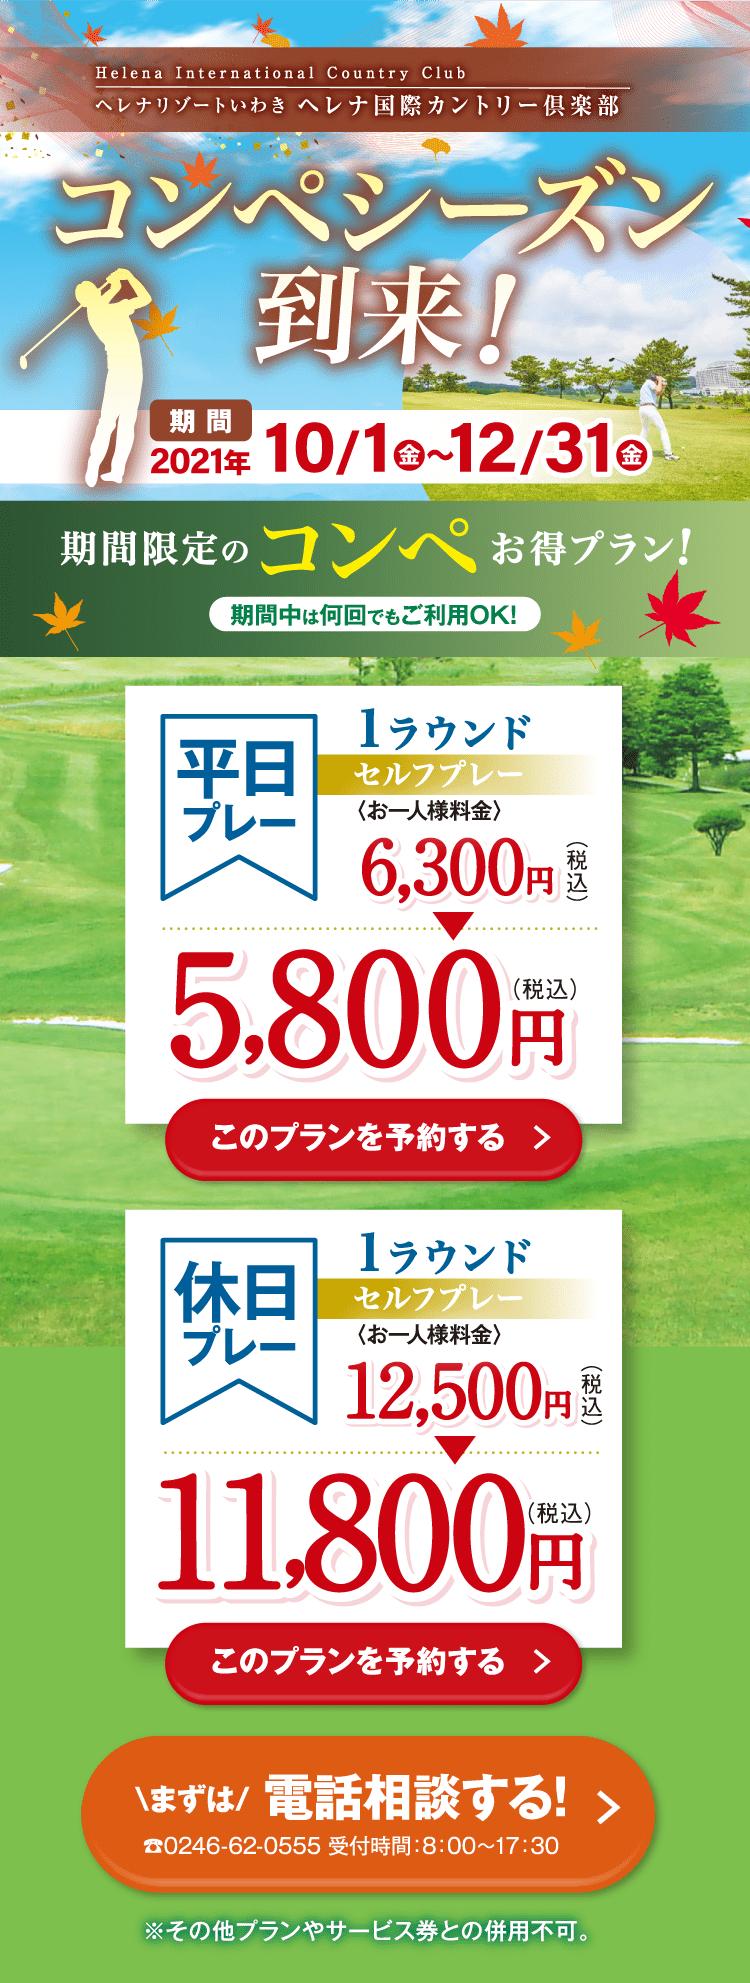 コンペシーズン到来!期間限定のコンペお得プラン!